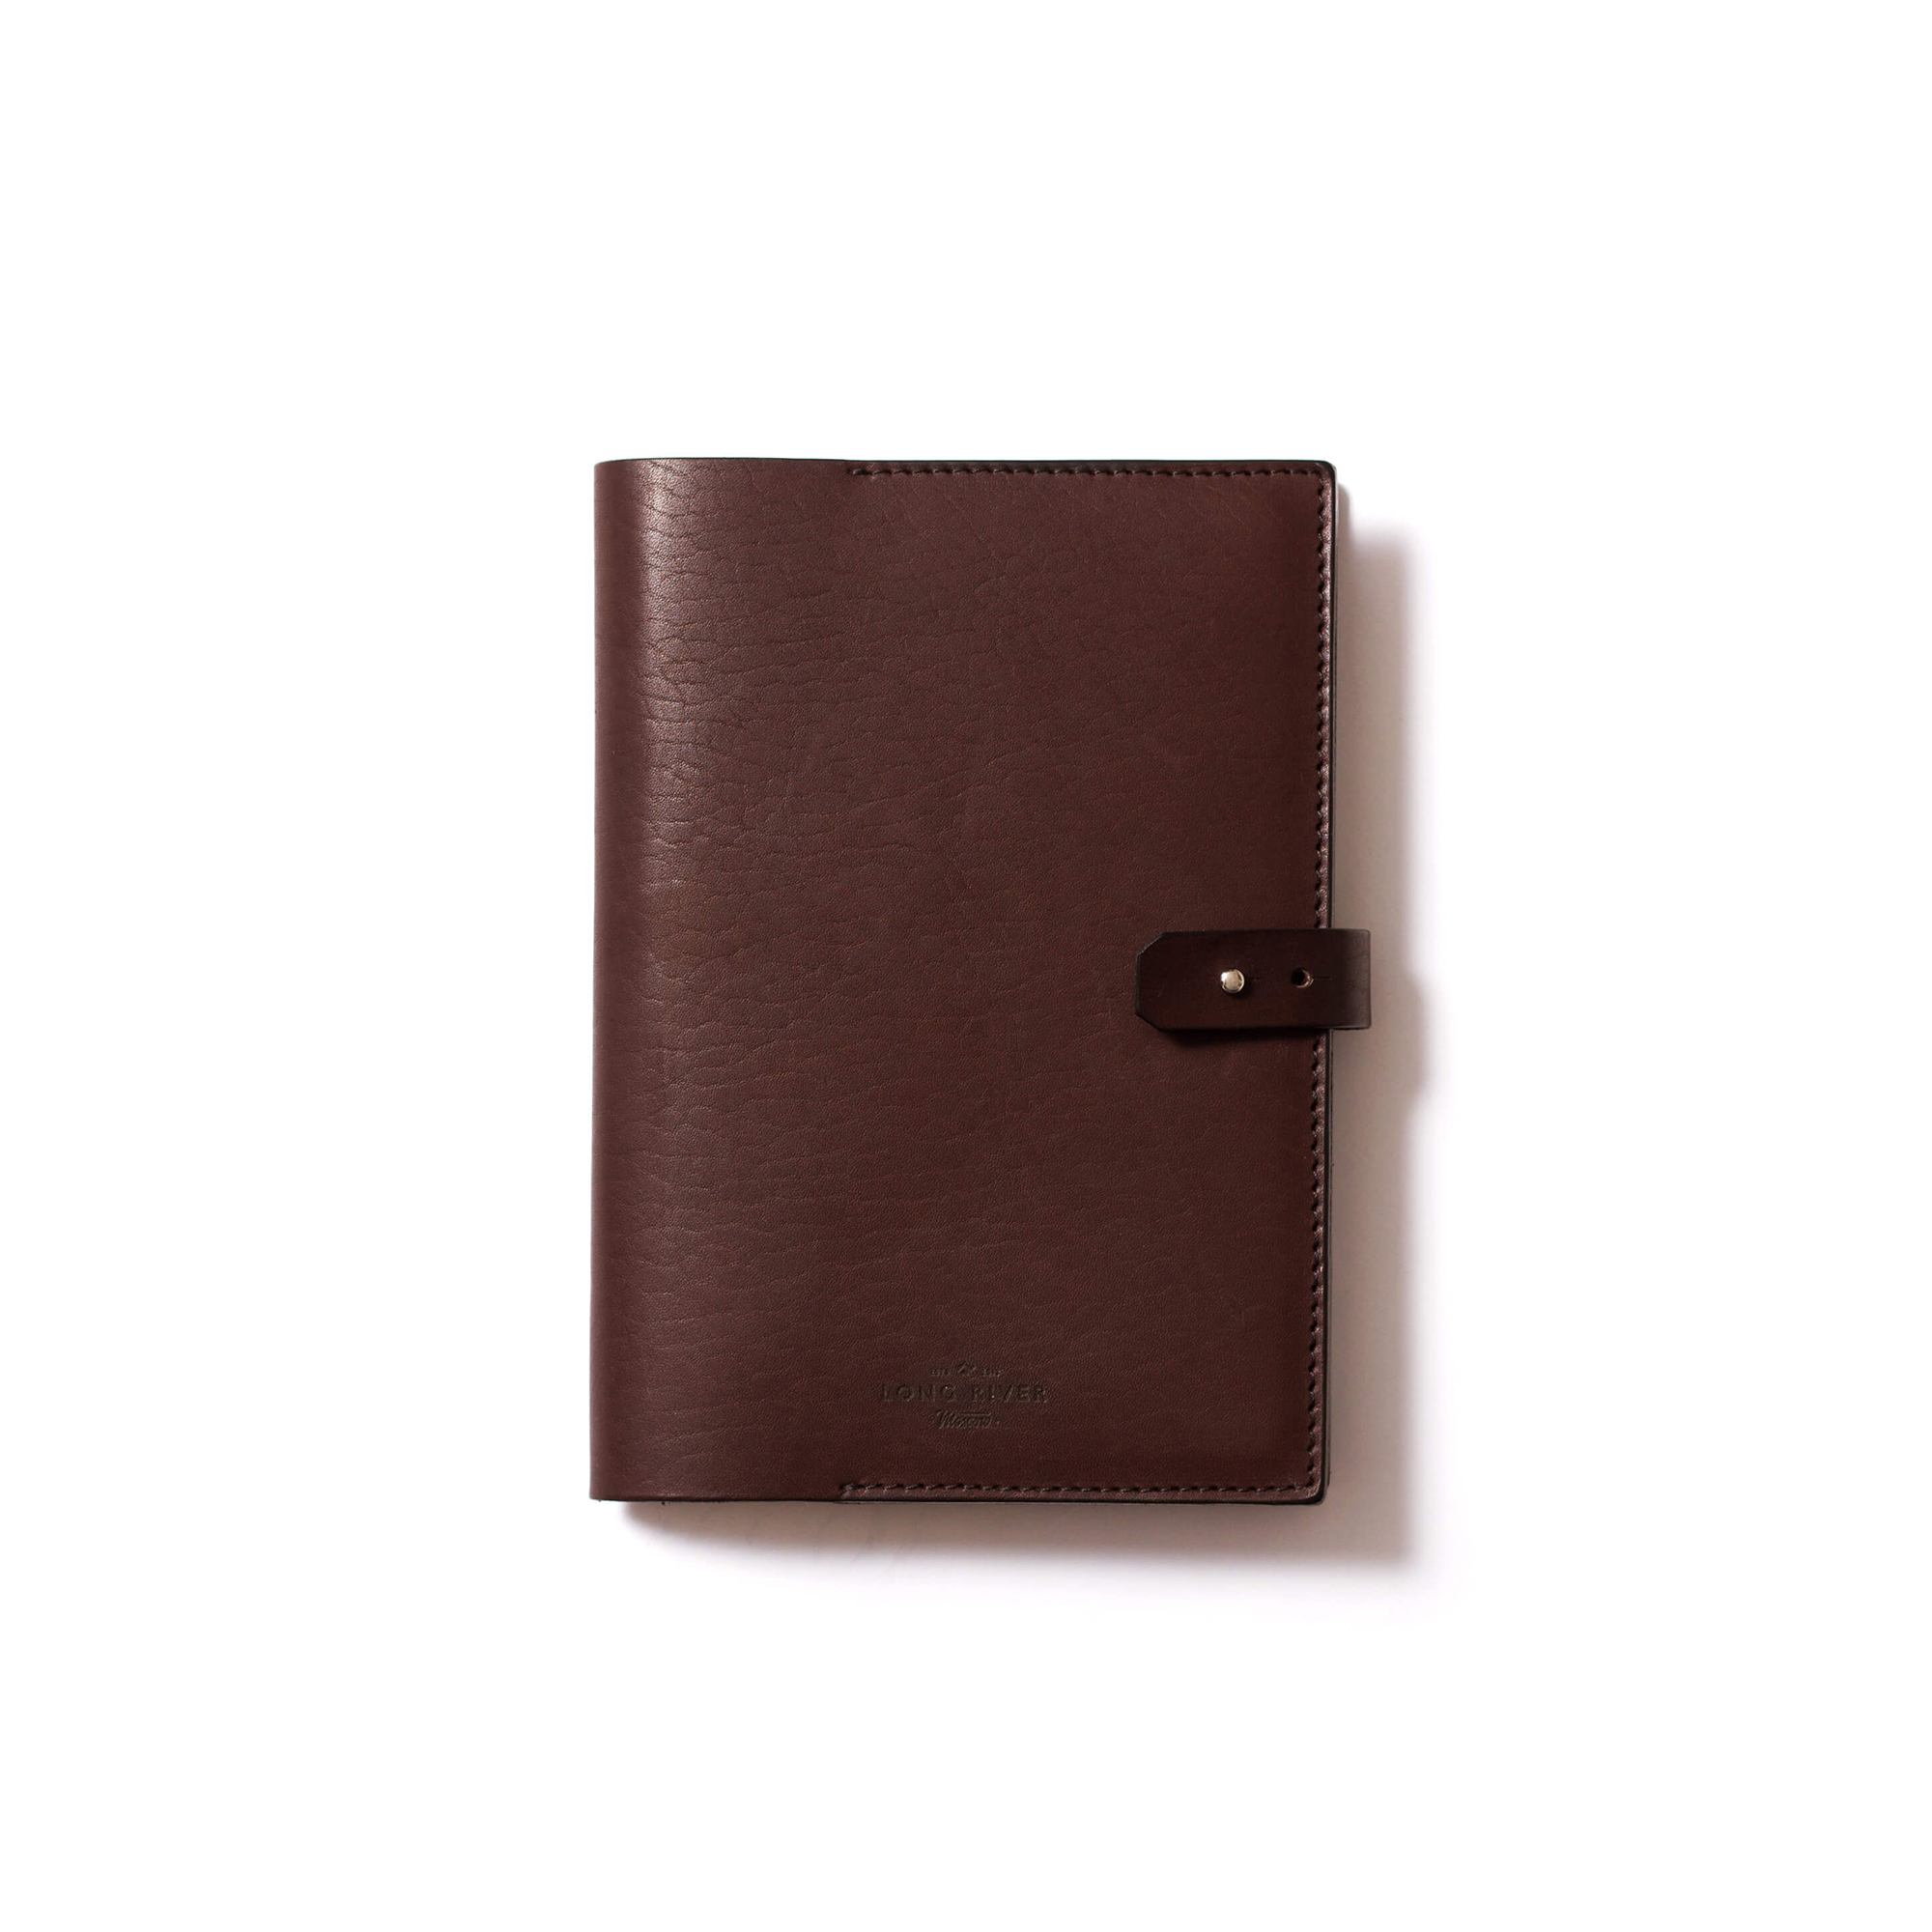 Обложка для ежедневника Ramme, коричневаяРазное<br>Ежедневник или блокнот, «укрепленный» плотной обложкой, способен служить своему владельцу бесконечно долго, страницы сохранятся в идеальном состоянии, а вам не придется прятать книжку в дальний карман. Дизайнерская обложка для ежедневника Ramme (Рамме) – это то, что нужно для идеальной сохранности ваших деловых и личных записей от влаги, механического воздействия и износа.<br><br><br> Обложка порадует вас своей прочностью и плотностью, модель выполнена из натуральной кожи высочайшего качества. И...<br><br>stock: 0<br>Высота: 23,5<br>Ширина: 2<br>Материал: Кожа<br>Цвет: Коричневый<br>Длина: 17